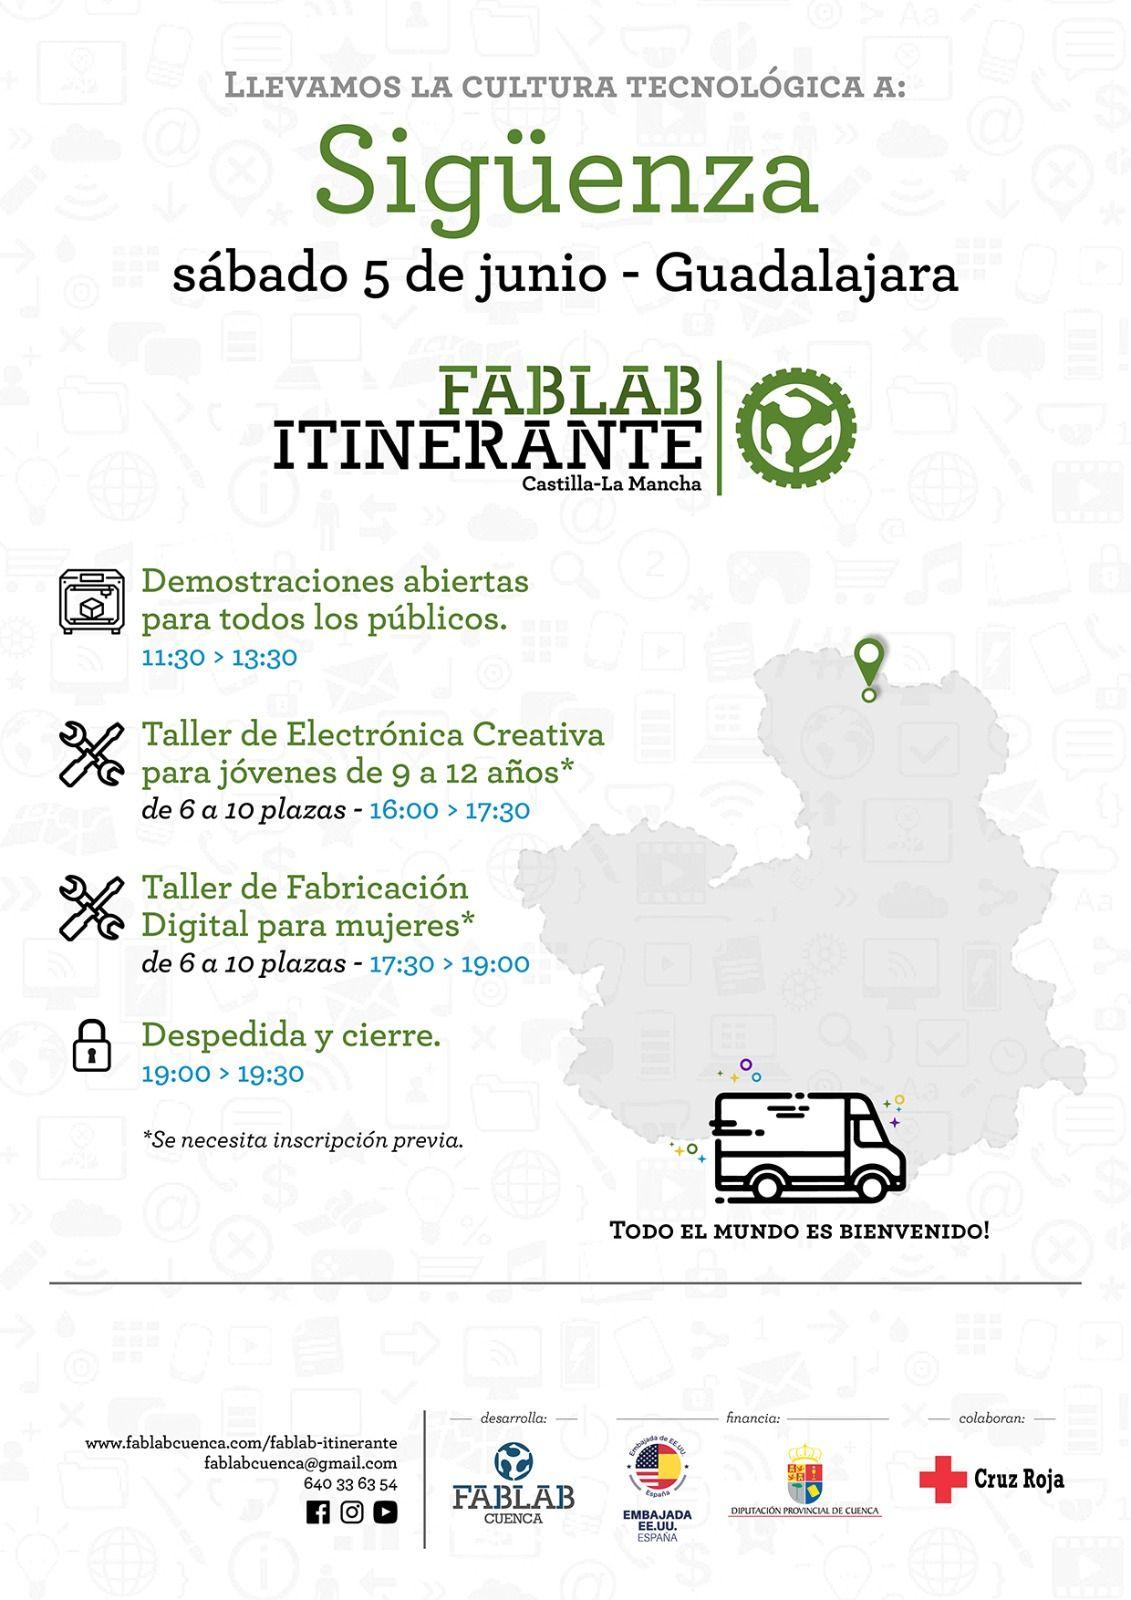 FabLab Itinerante